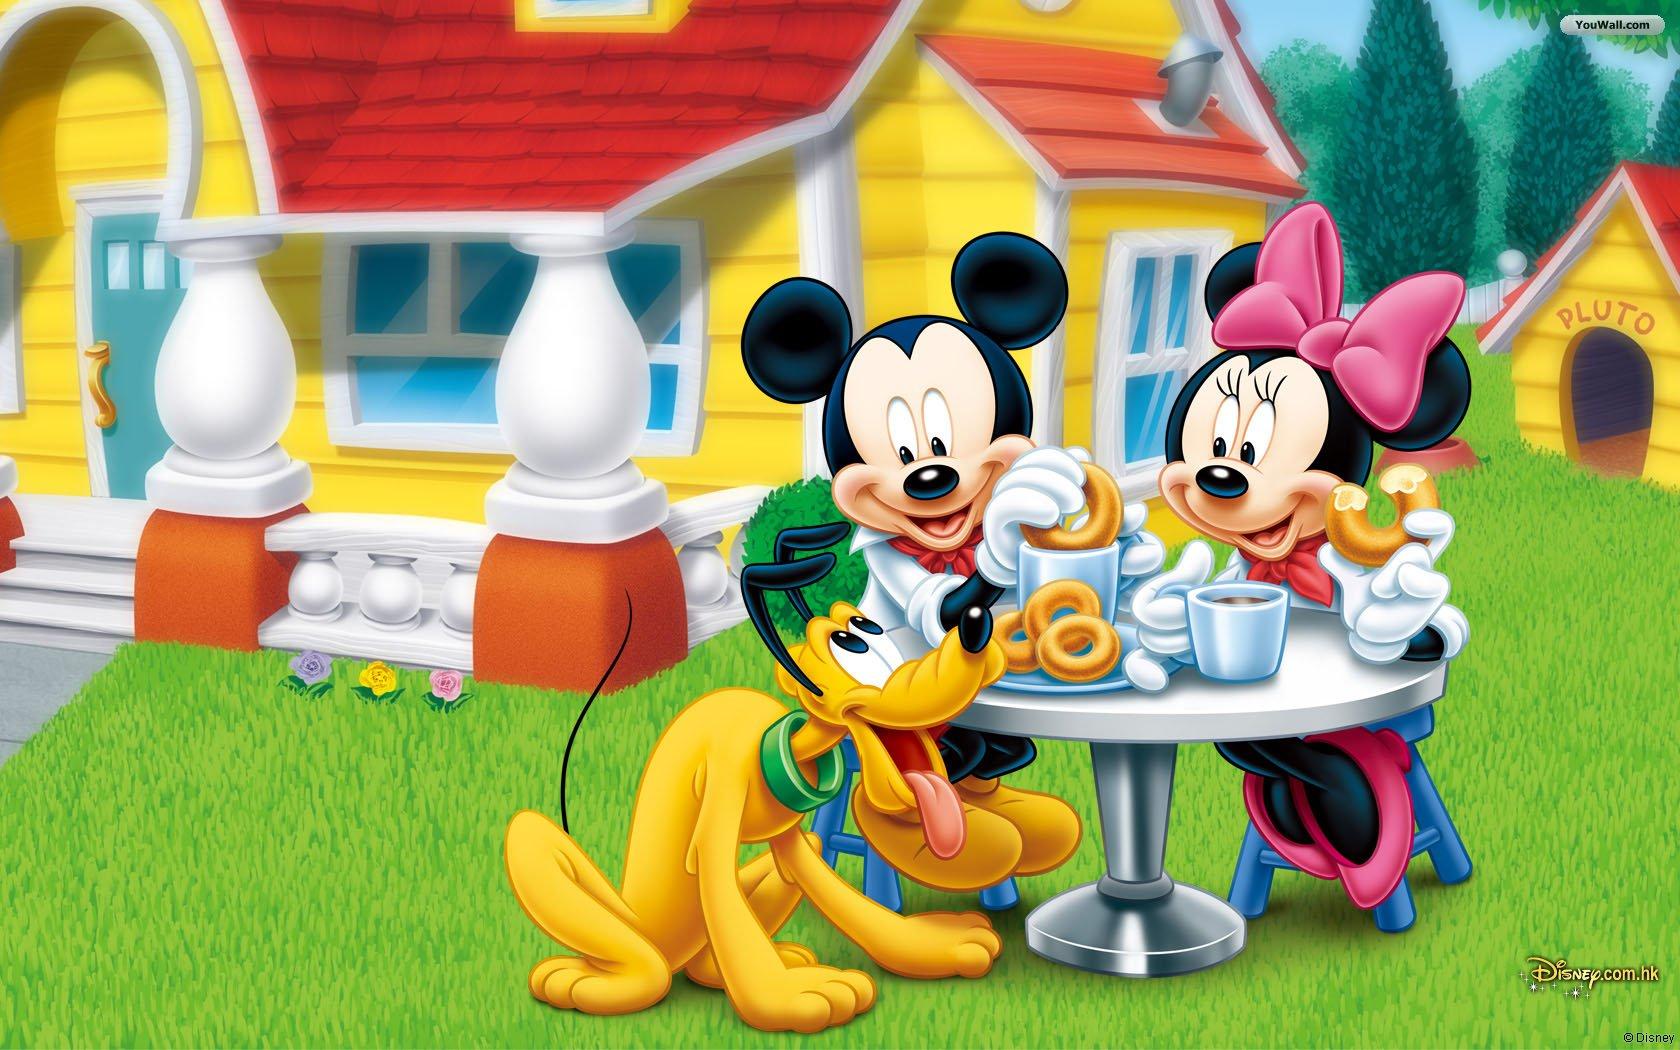 Mickey Mouse Wallpapers ImageBankbiz 1680x1050